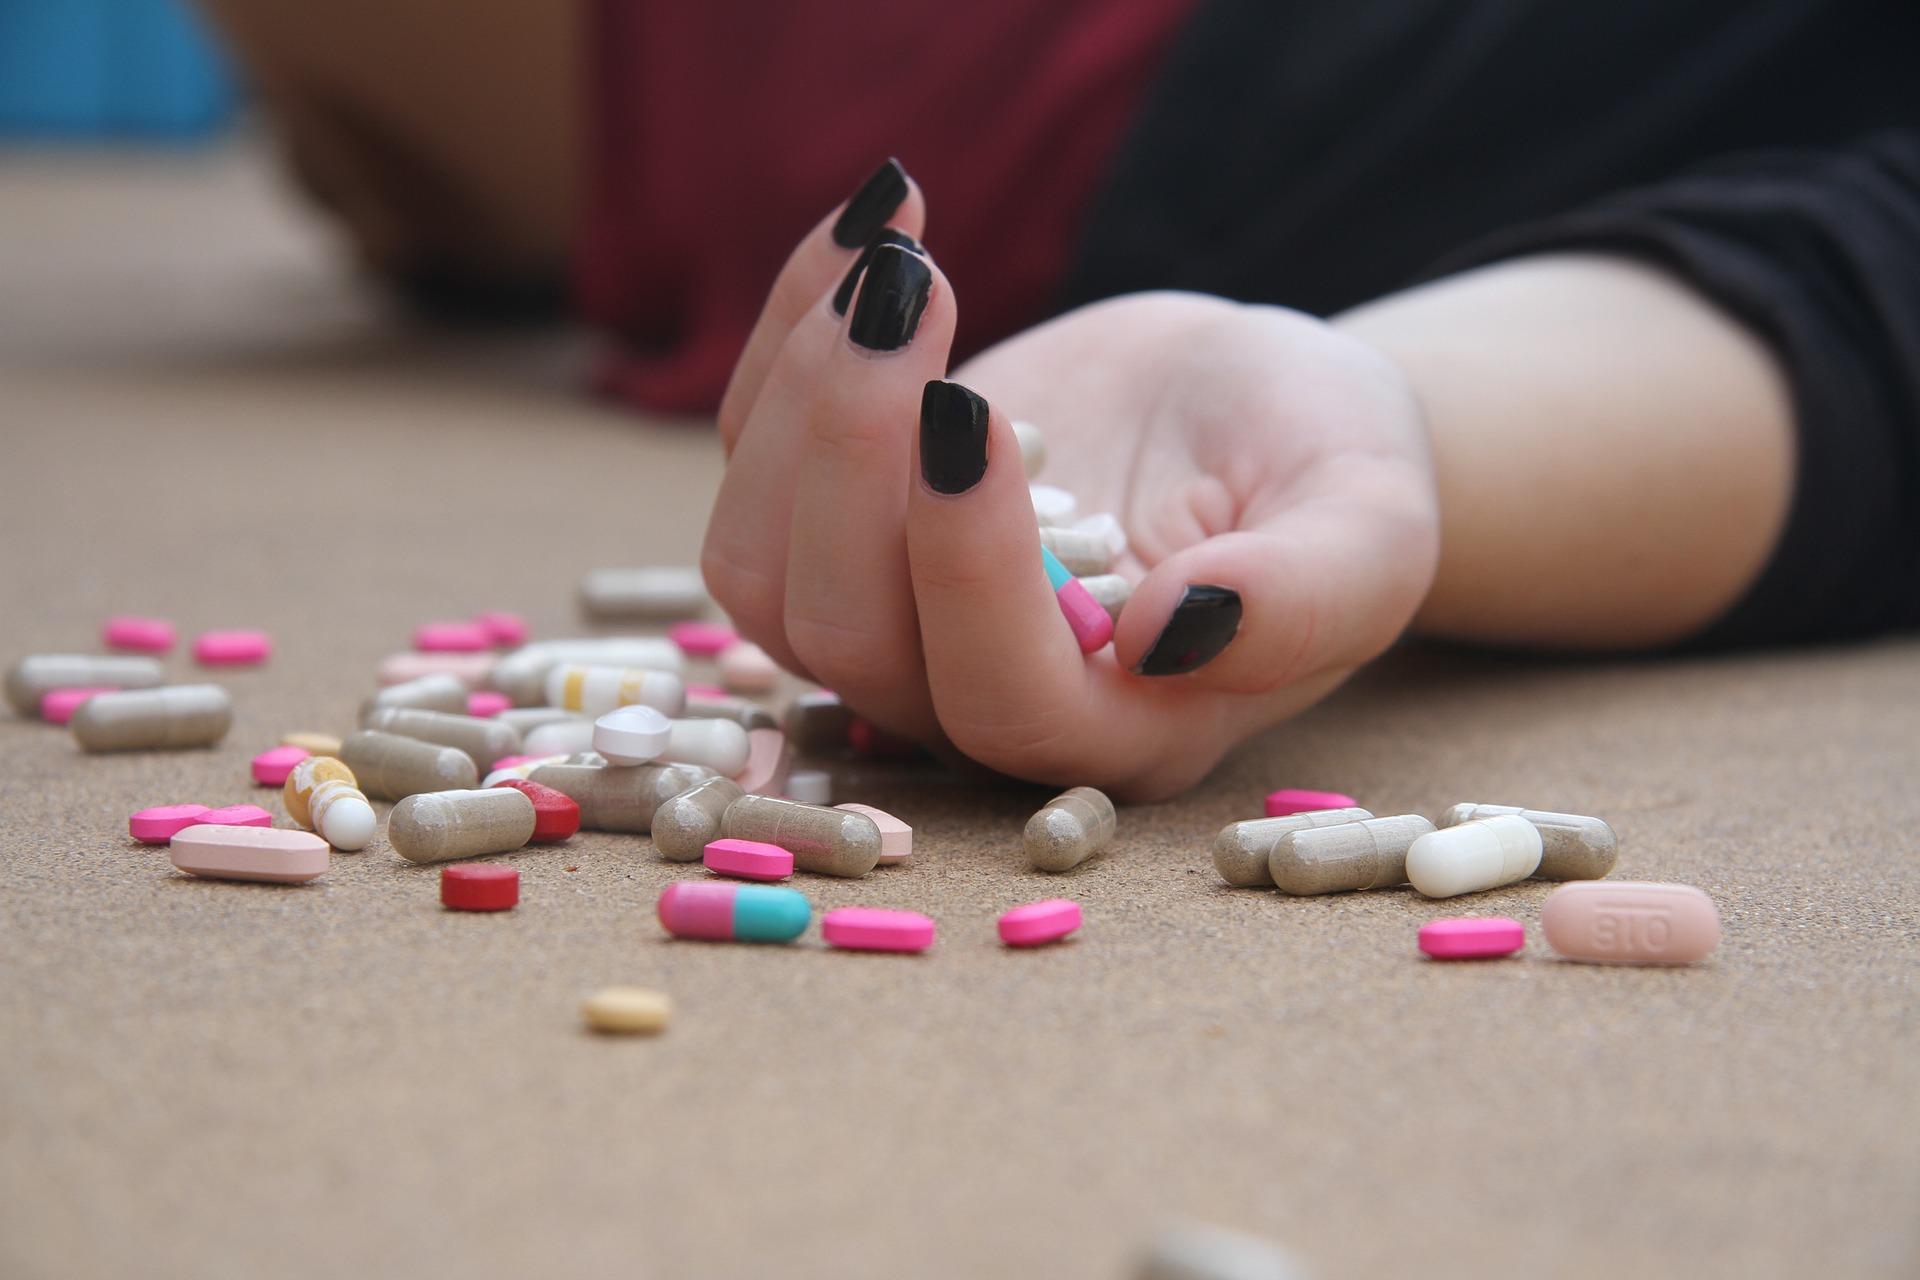 Wie kann ich meine Angststörung überwinden, ohne Medikamente?